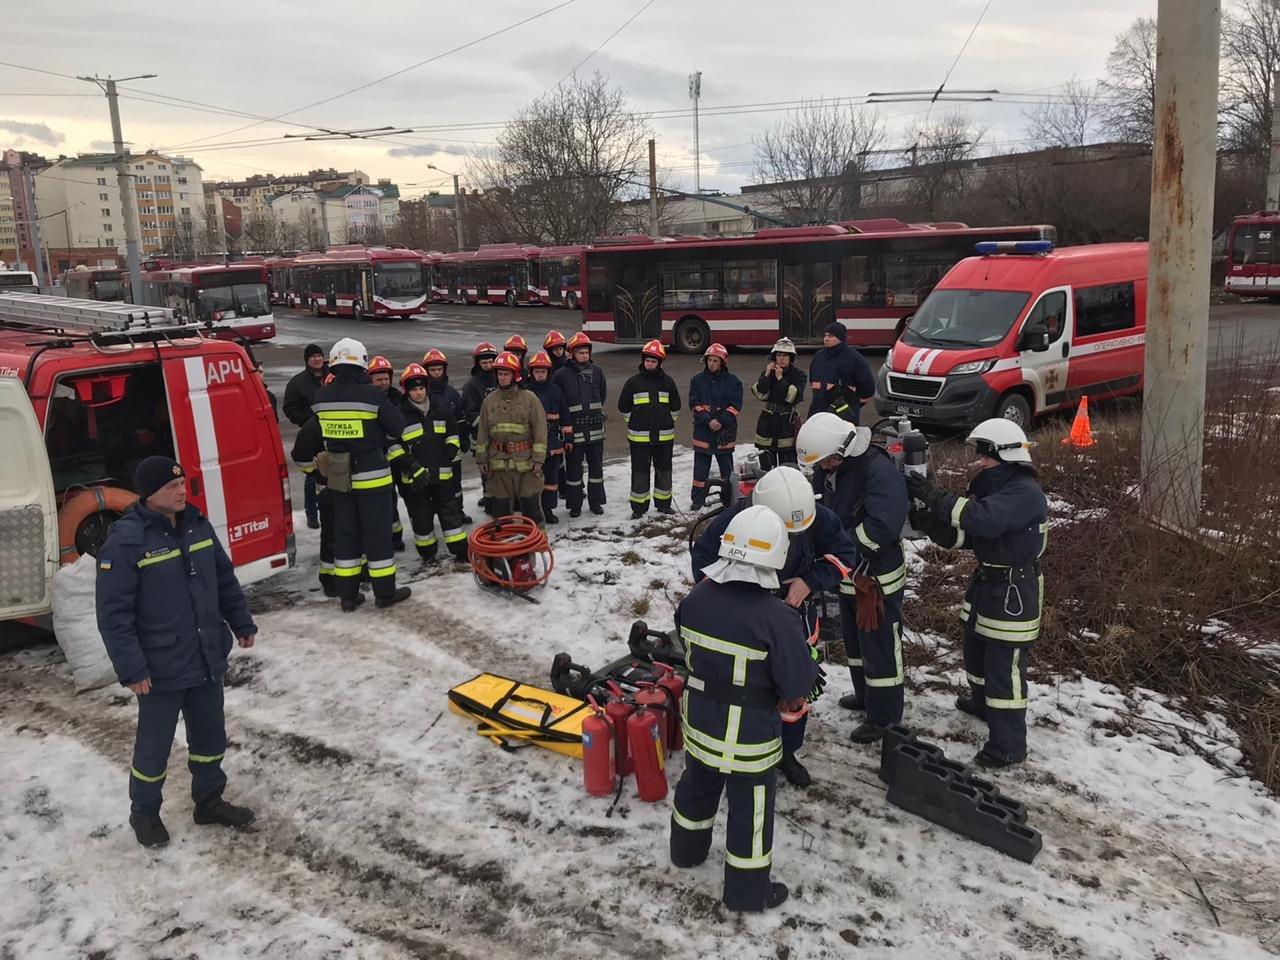 Франківські надзвичайники вчилися рятувати людей з палаючого автобуса (ФОТО), фото-4